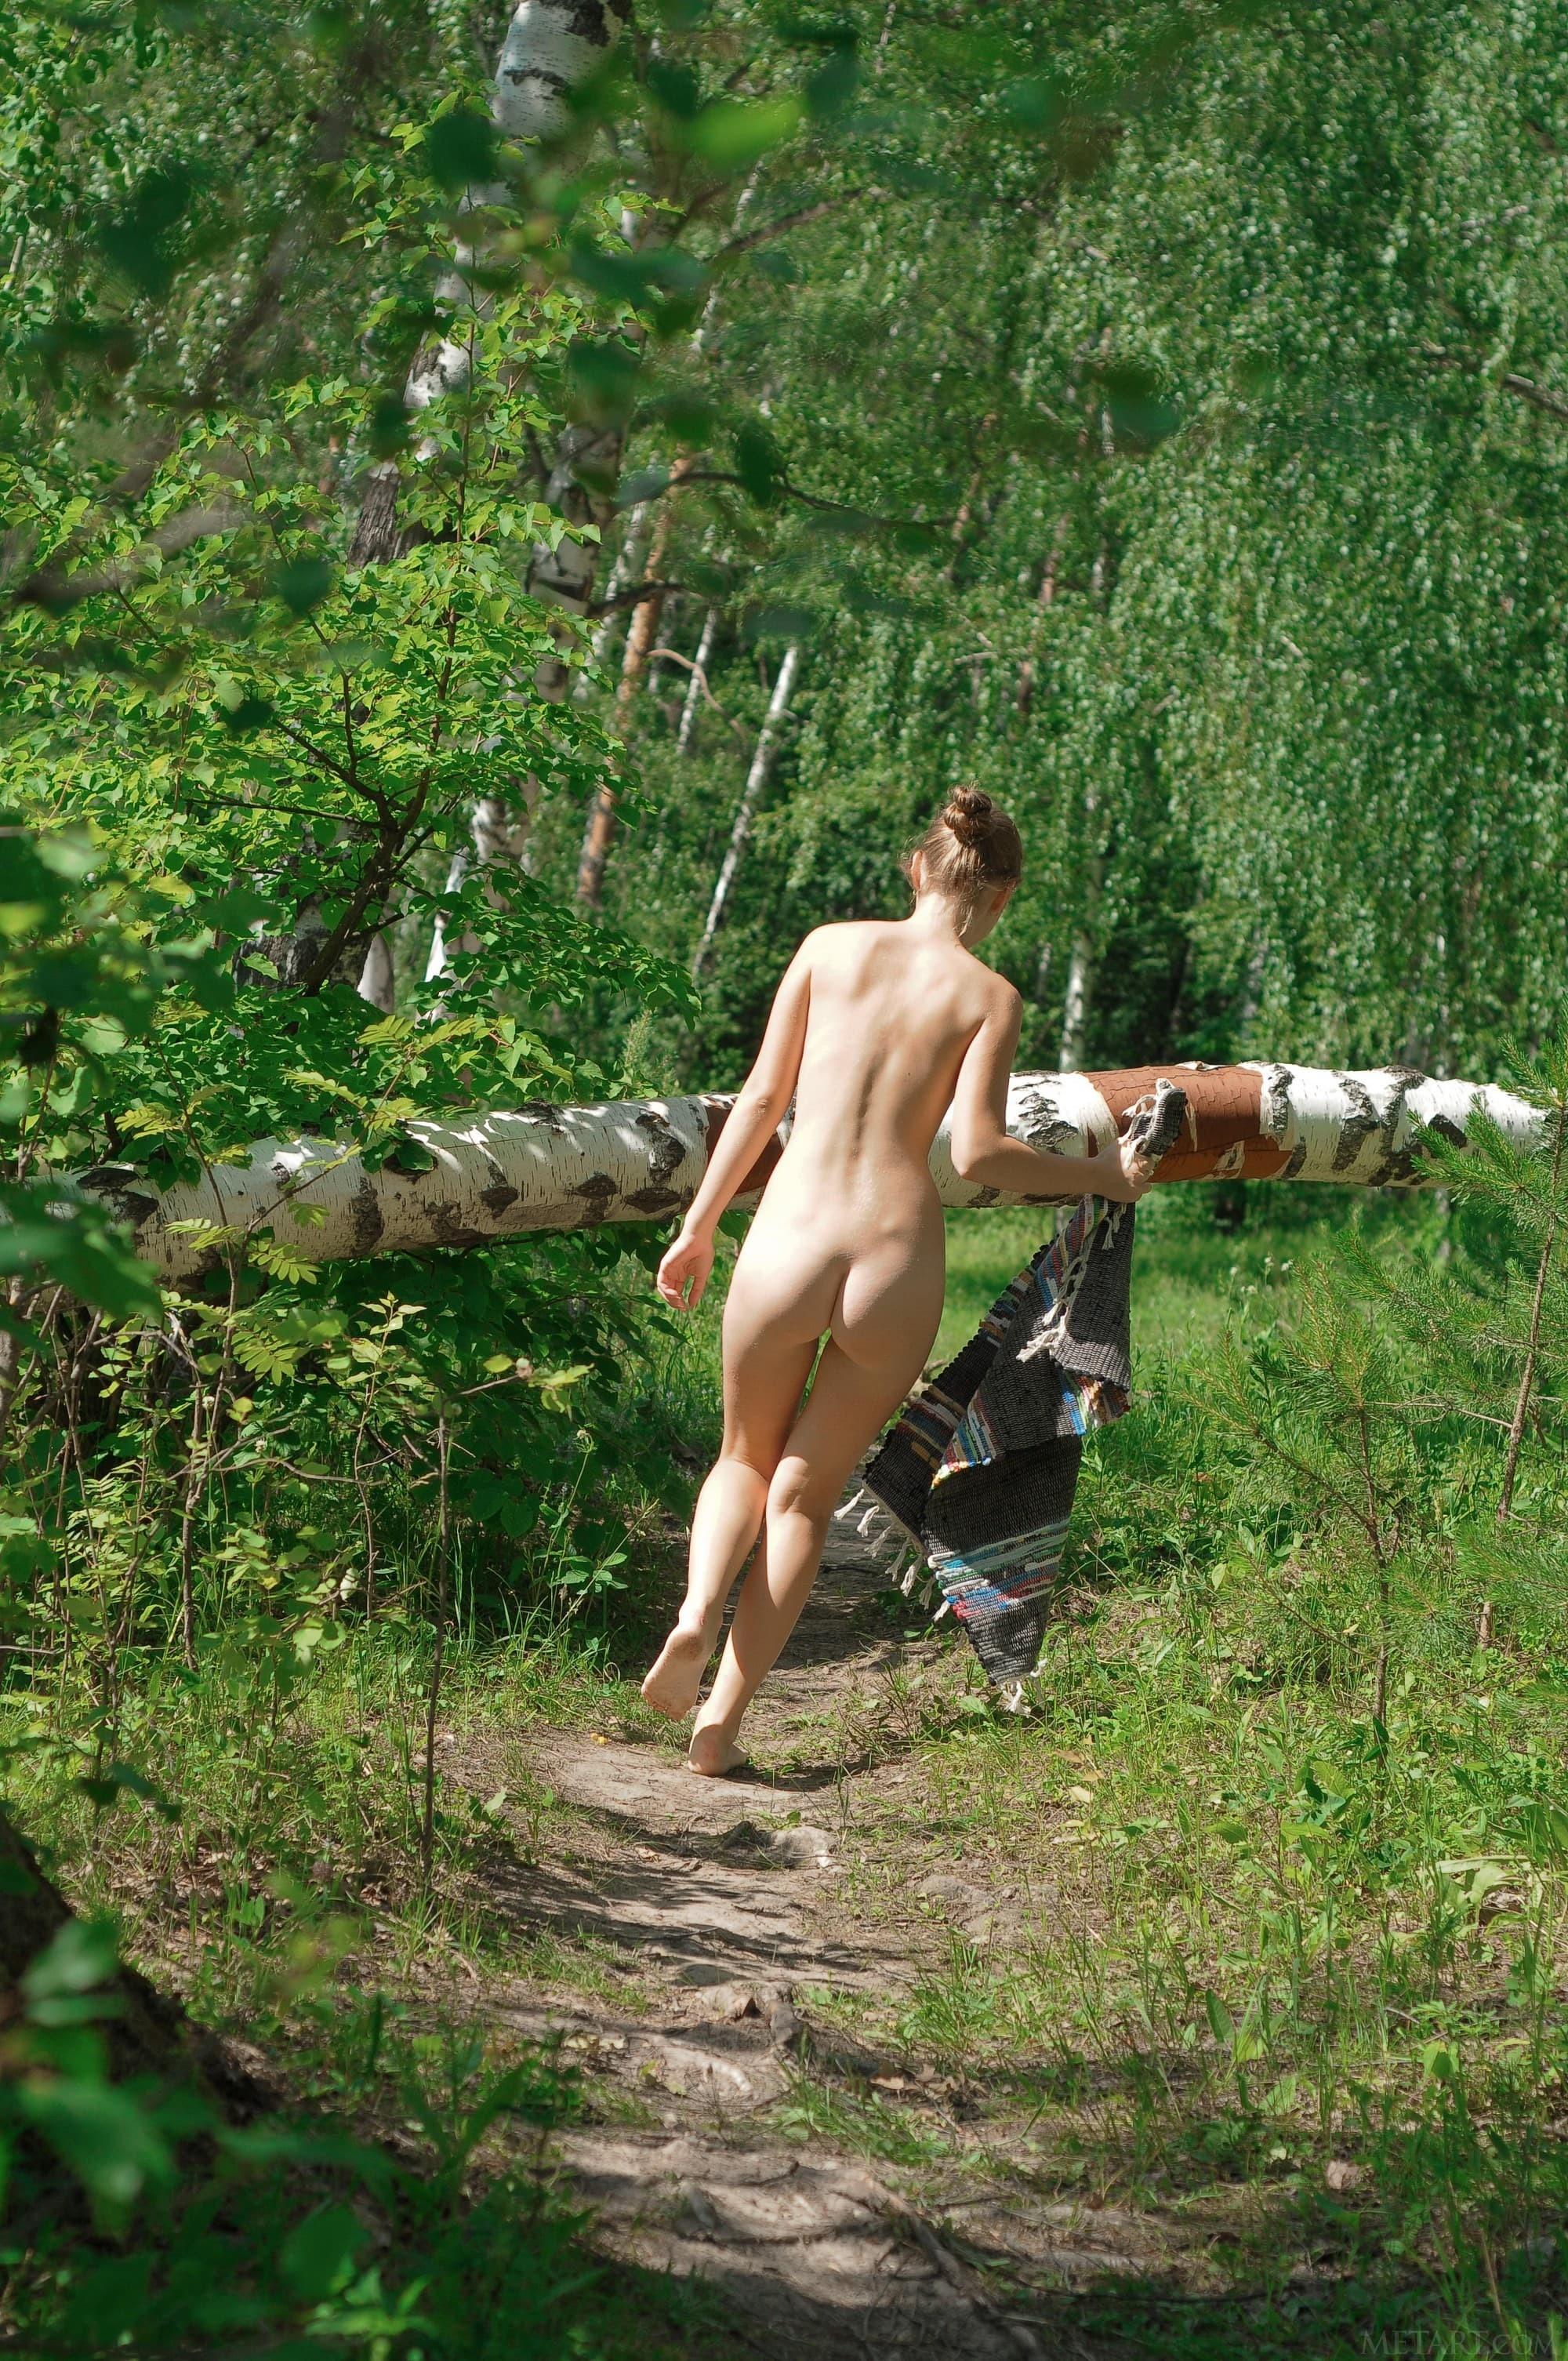 Голая деревенская дама в лесу на дереве - фото